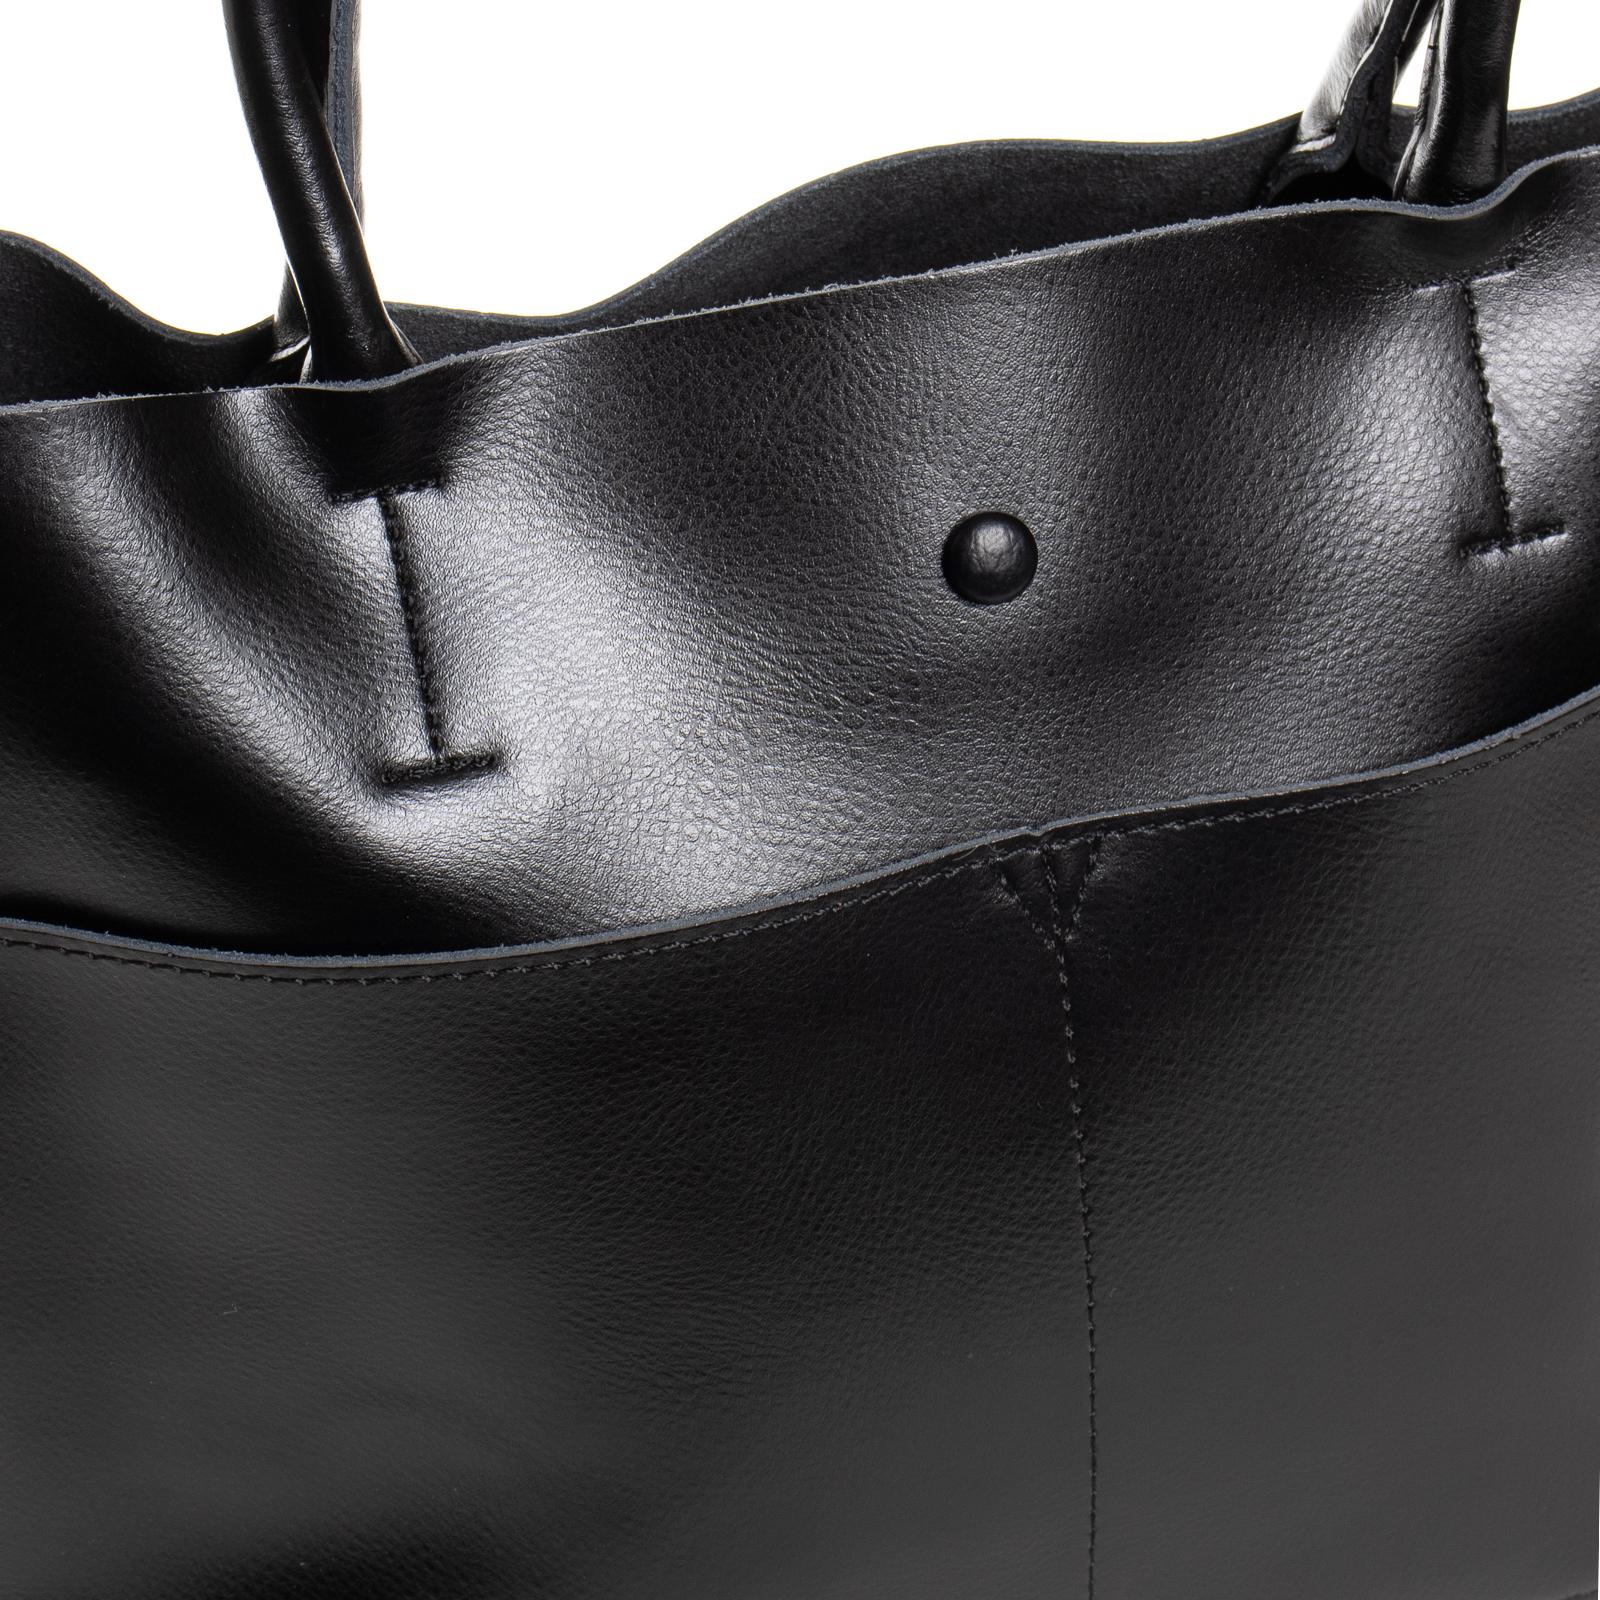 Сумка Женская Классическая кожа ALEX RAI 03-09 13-9505 black - фото 3